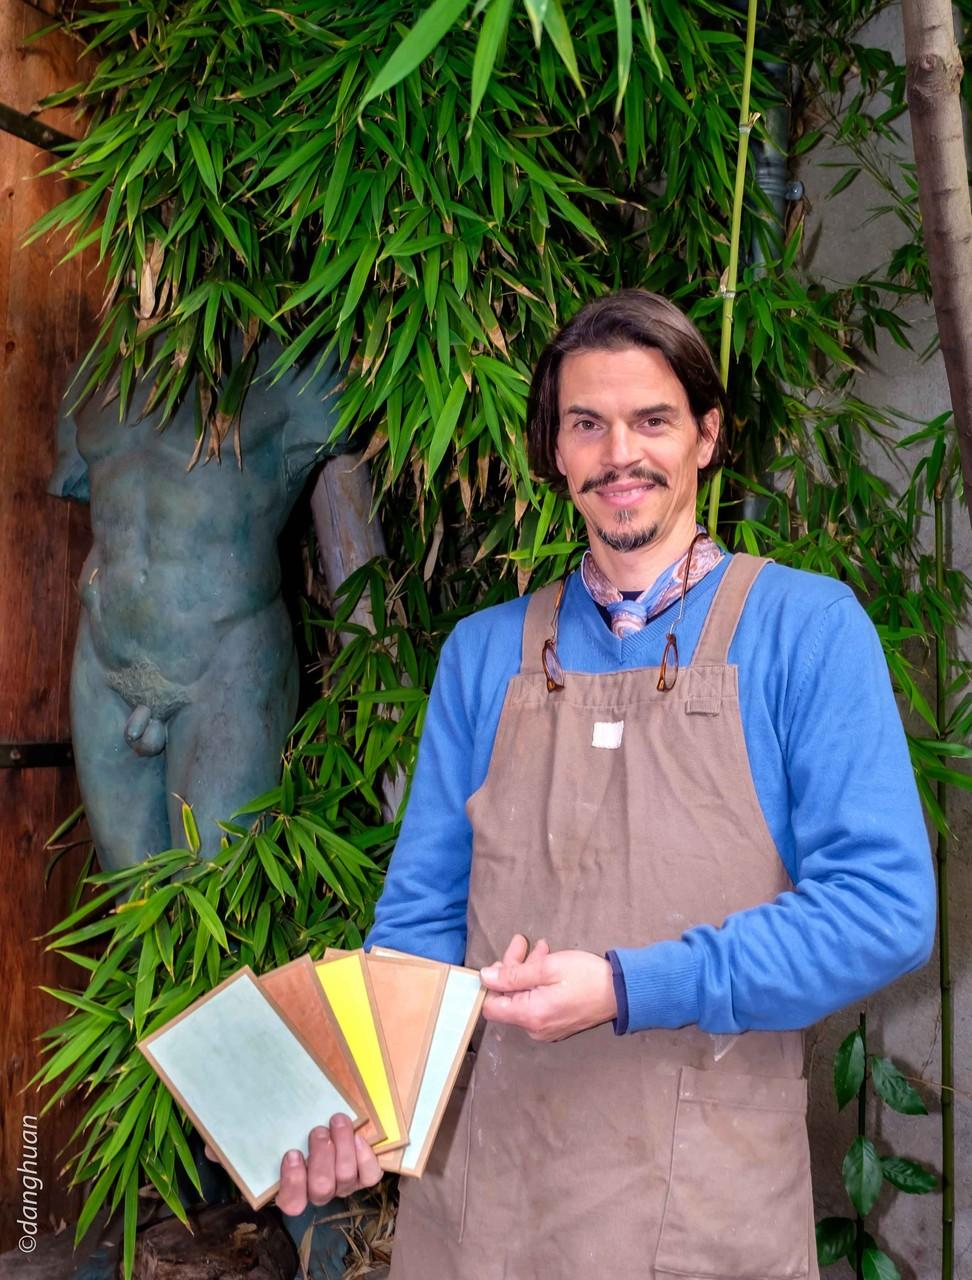 Le peintre Patrice NOBILE fabrique et utilise les peintures décoratives à base de produits naturels